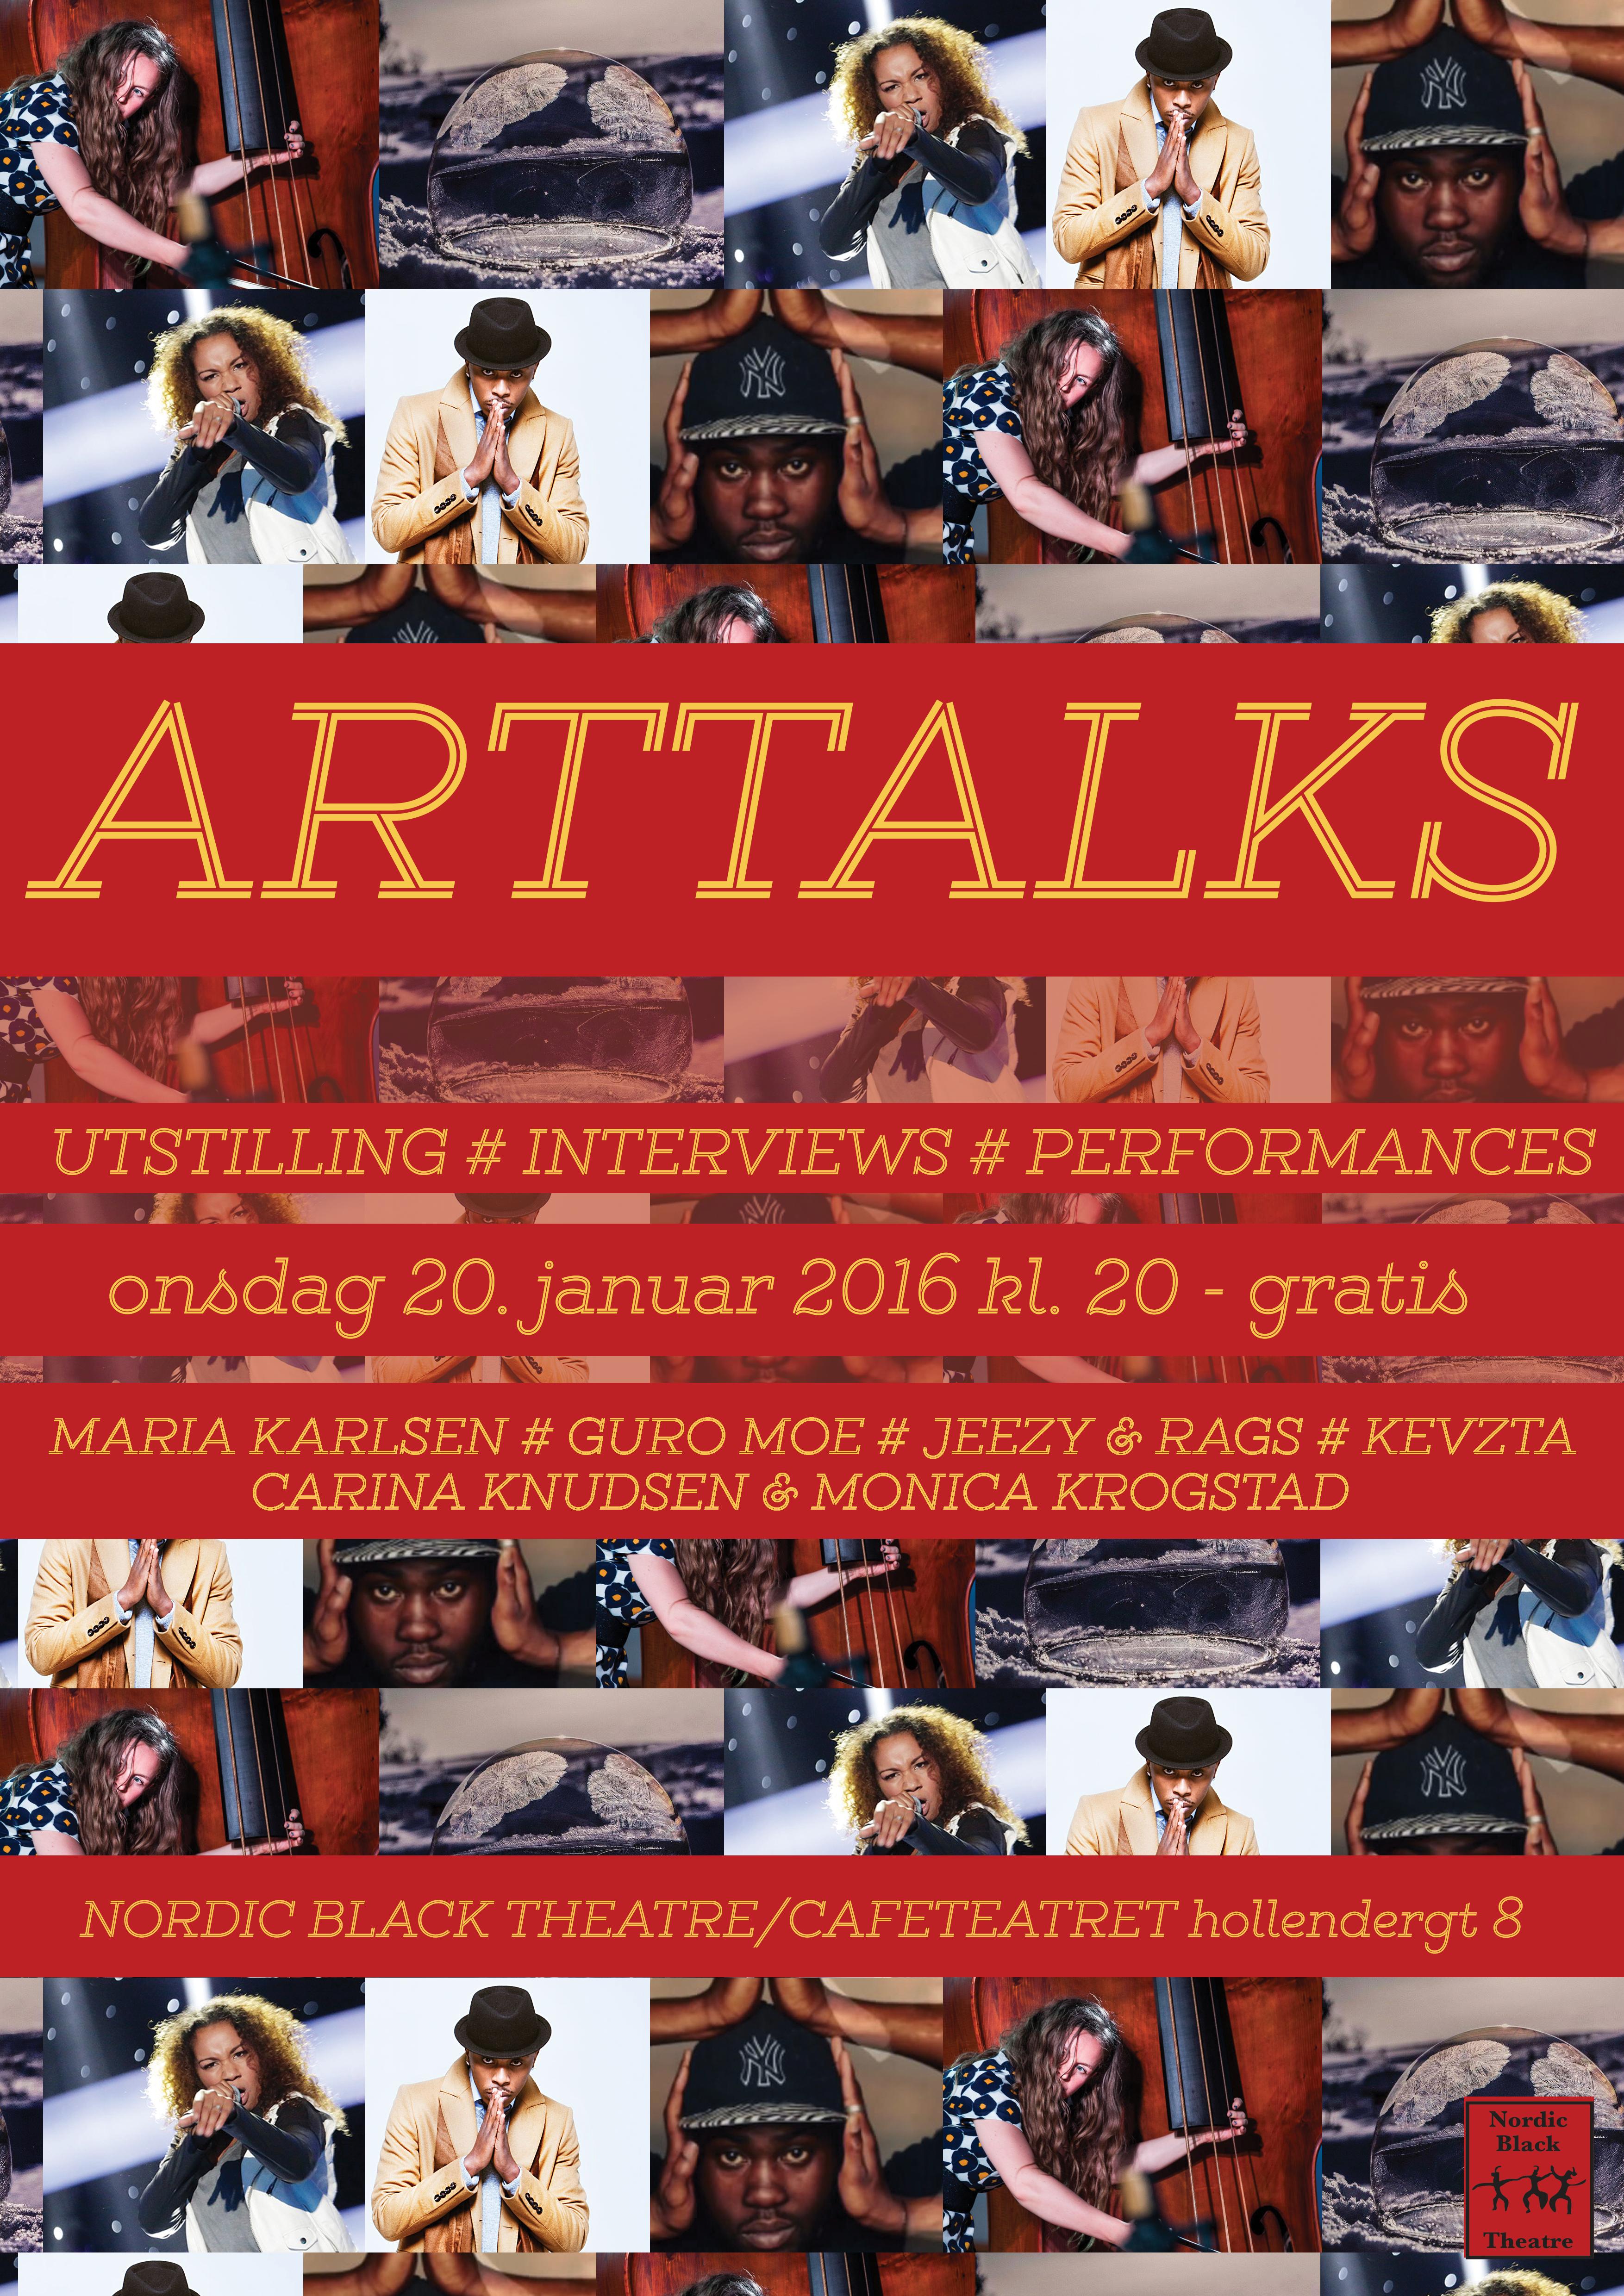 arttalks_jan_2016